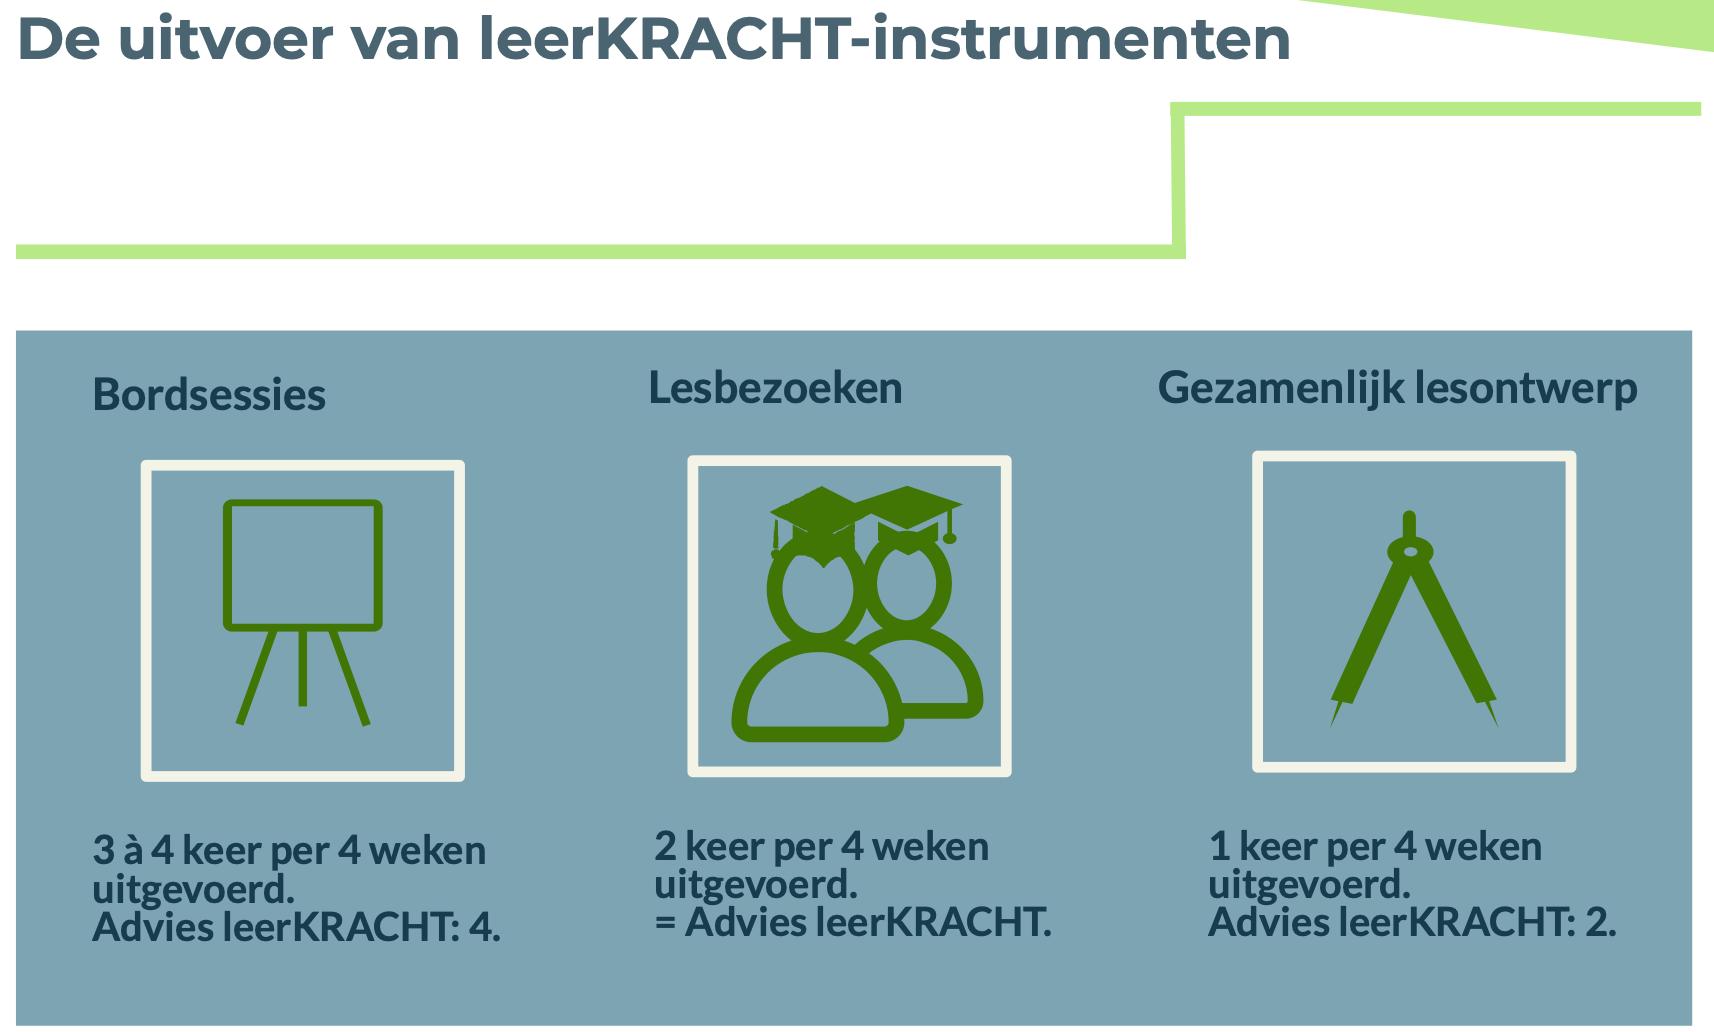 De uitvoer van LeerKRACHT-instrumenten